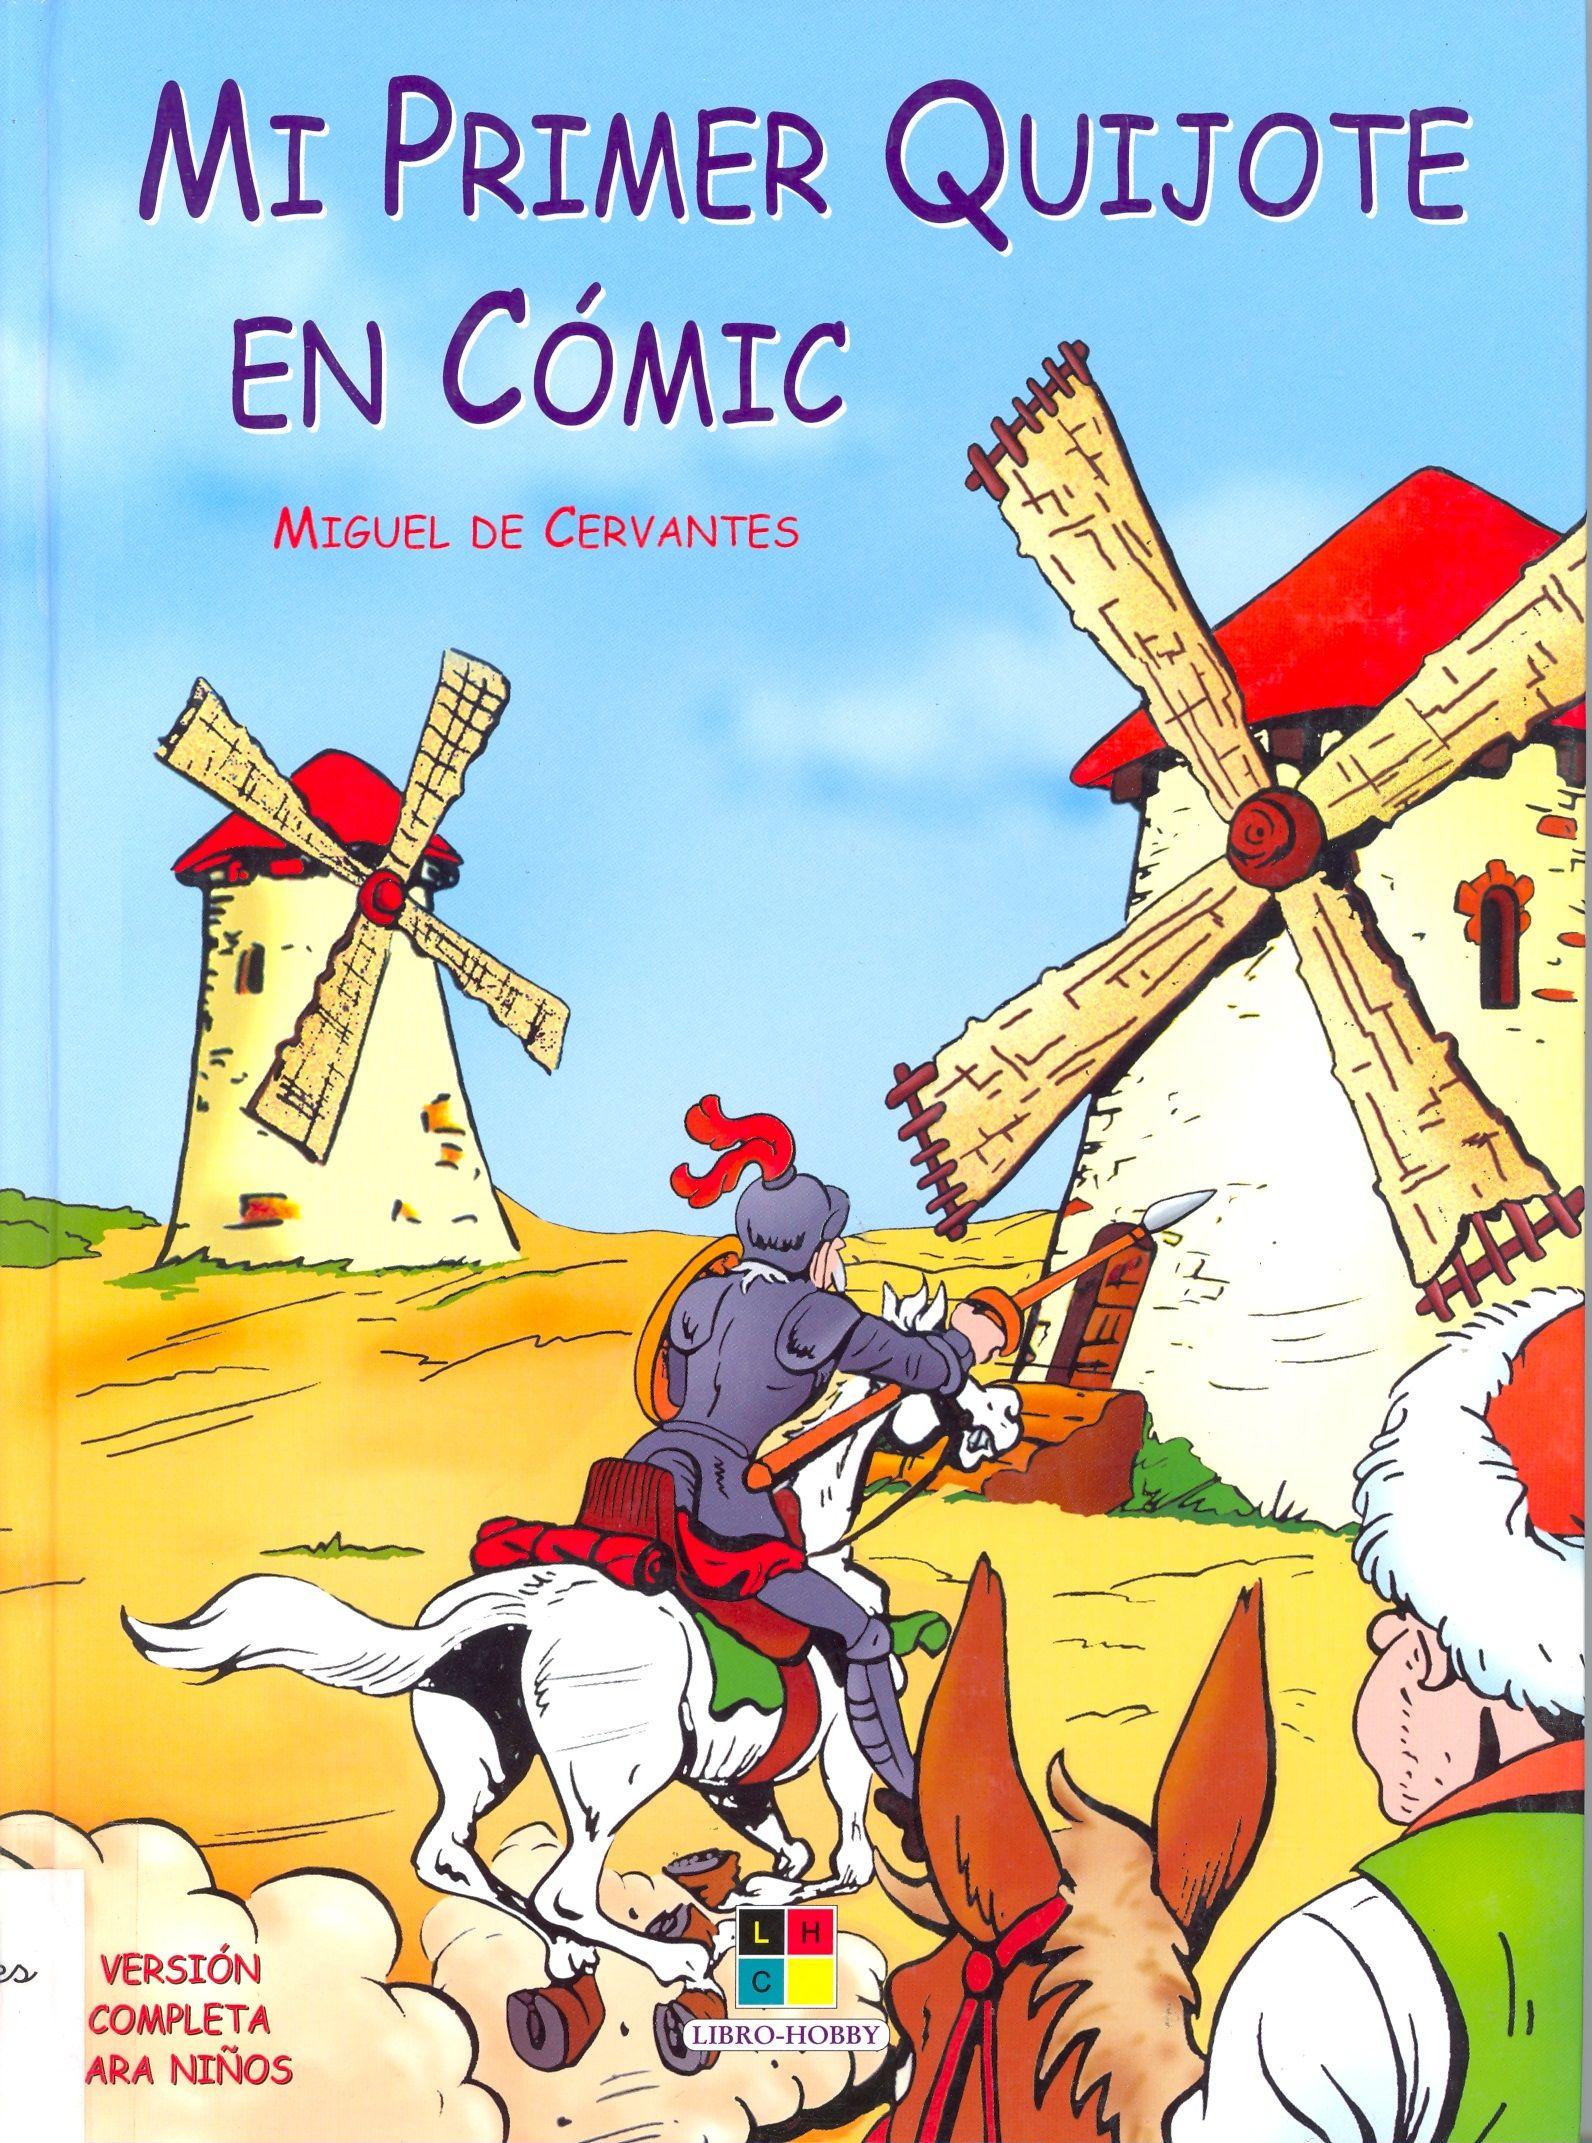 Cómic De Don Quijote De La Mancha Os Encantará Http Es Slideshare Net Mariaprieto2012 Cmic Don Q El Quijote Para Niños El Quijote Libro Miguel De Cervantes